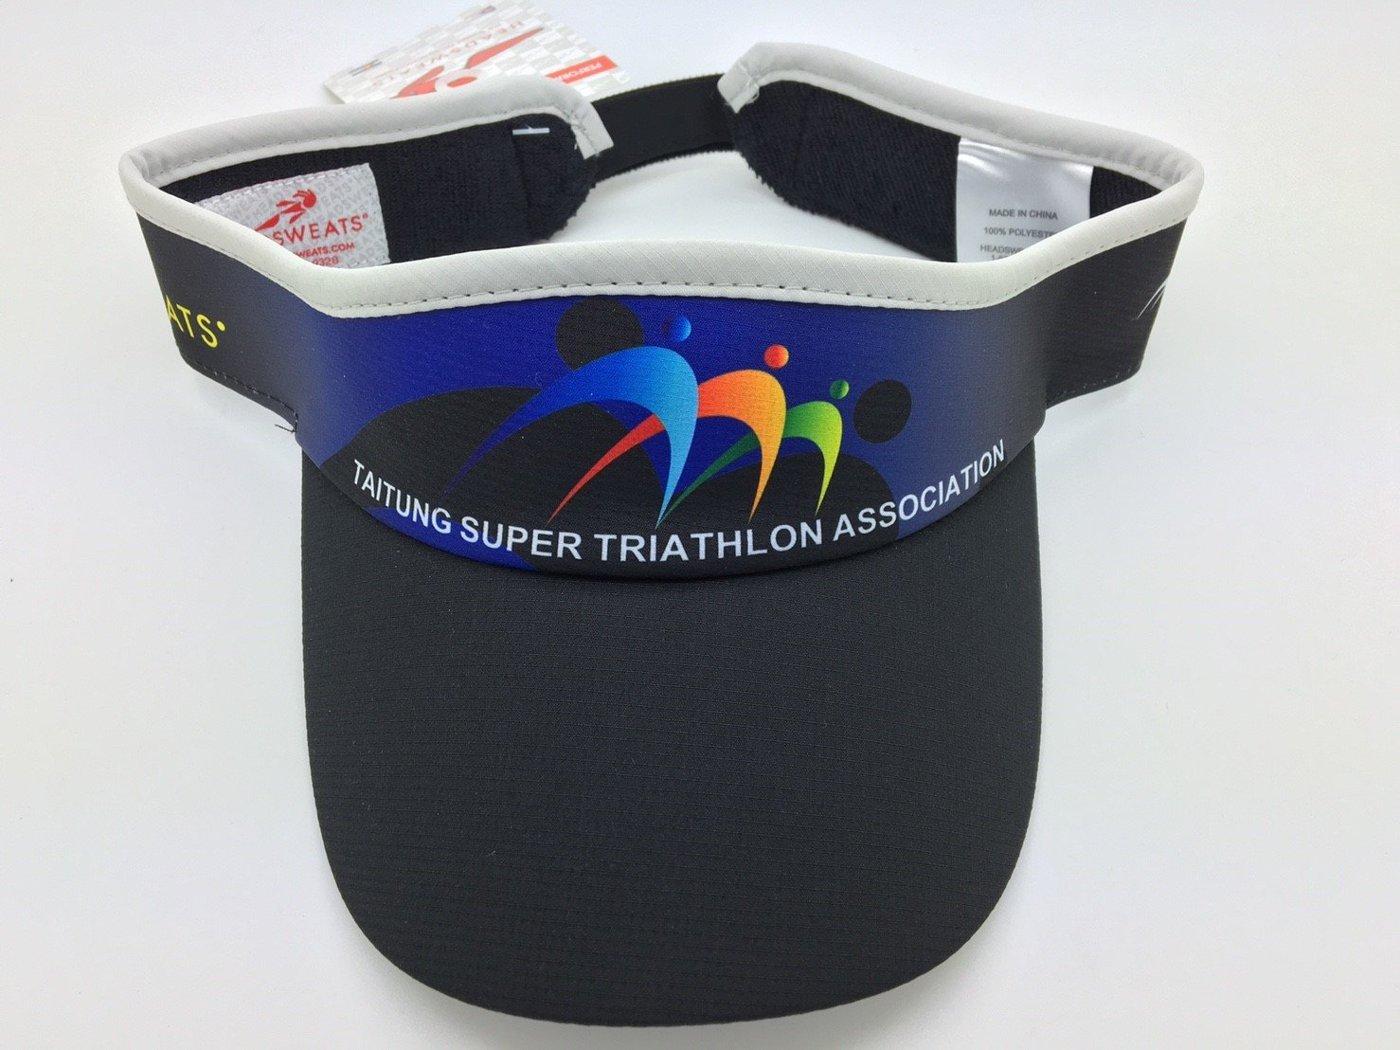 騎跑泳者-HEADSWEATS 汗淂 中空帽 2016 台東超級鐵人三項賽 226公里 超鐵 完賽紀念帽